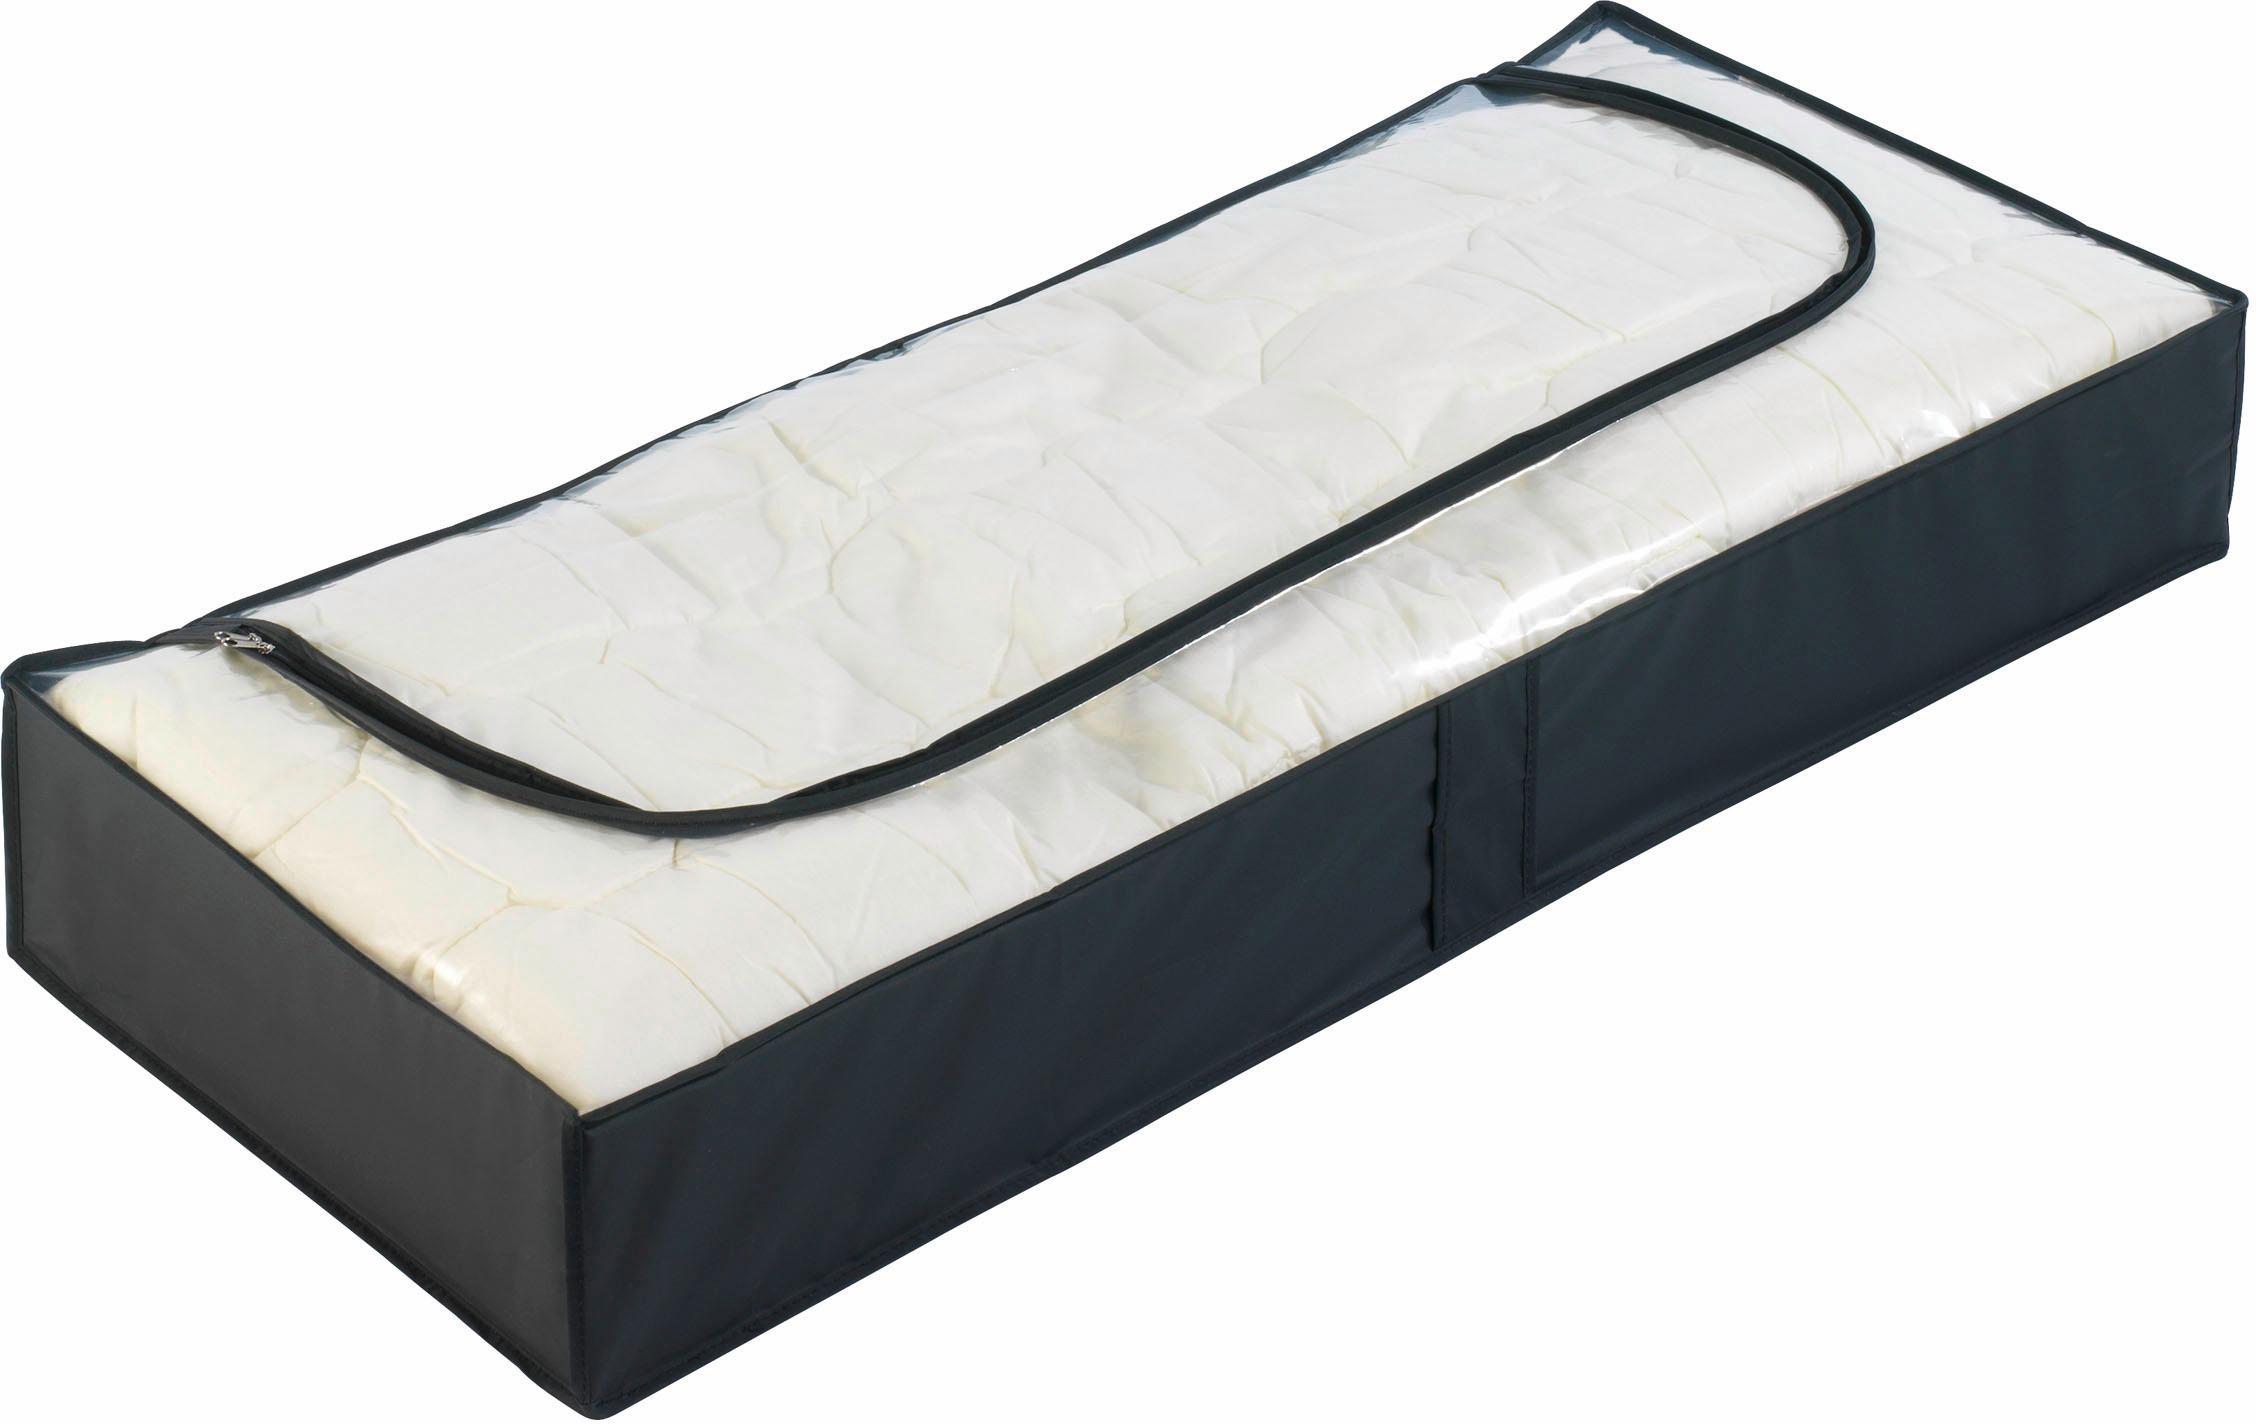 WENKO Unterbettkommode Deep Black, (Set, 4 St.) schwarz Aufbewahrung Ordnung SOFORT LIEFEERBAR Diele Flur Aufbewahrungsboxen